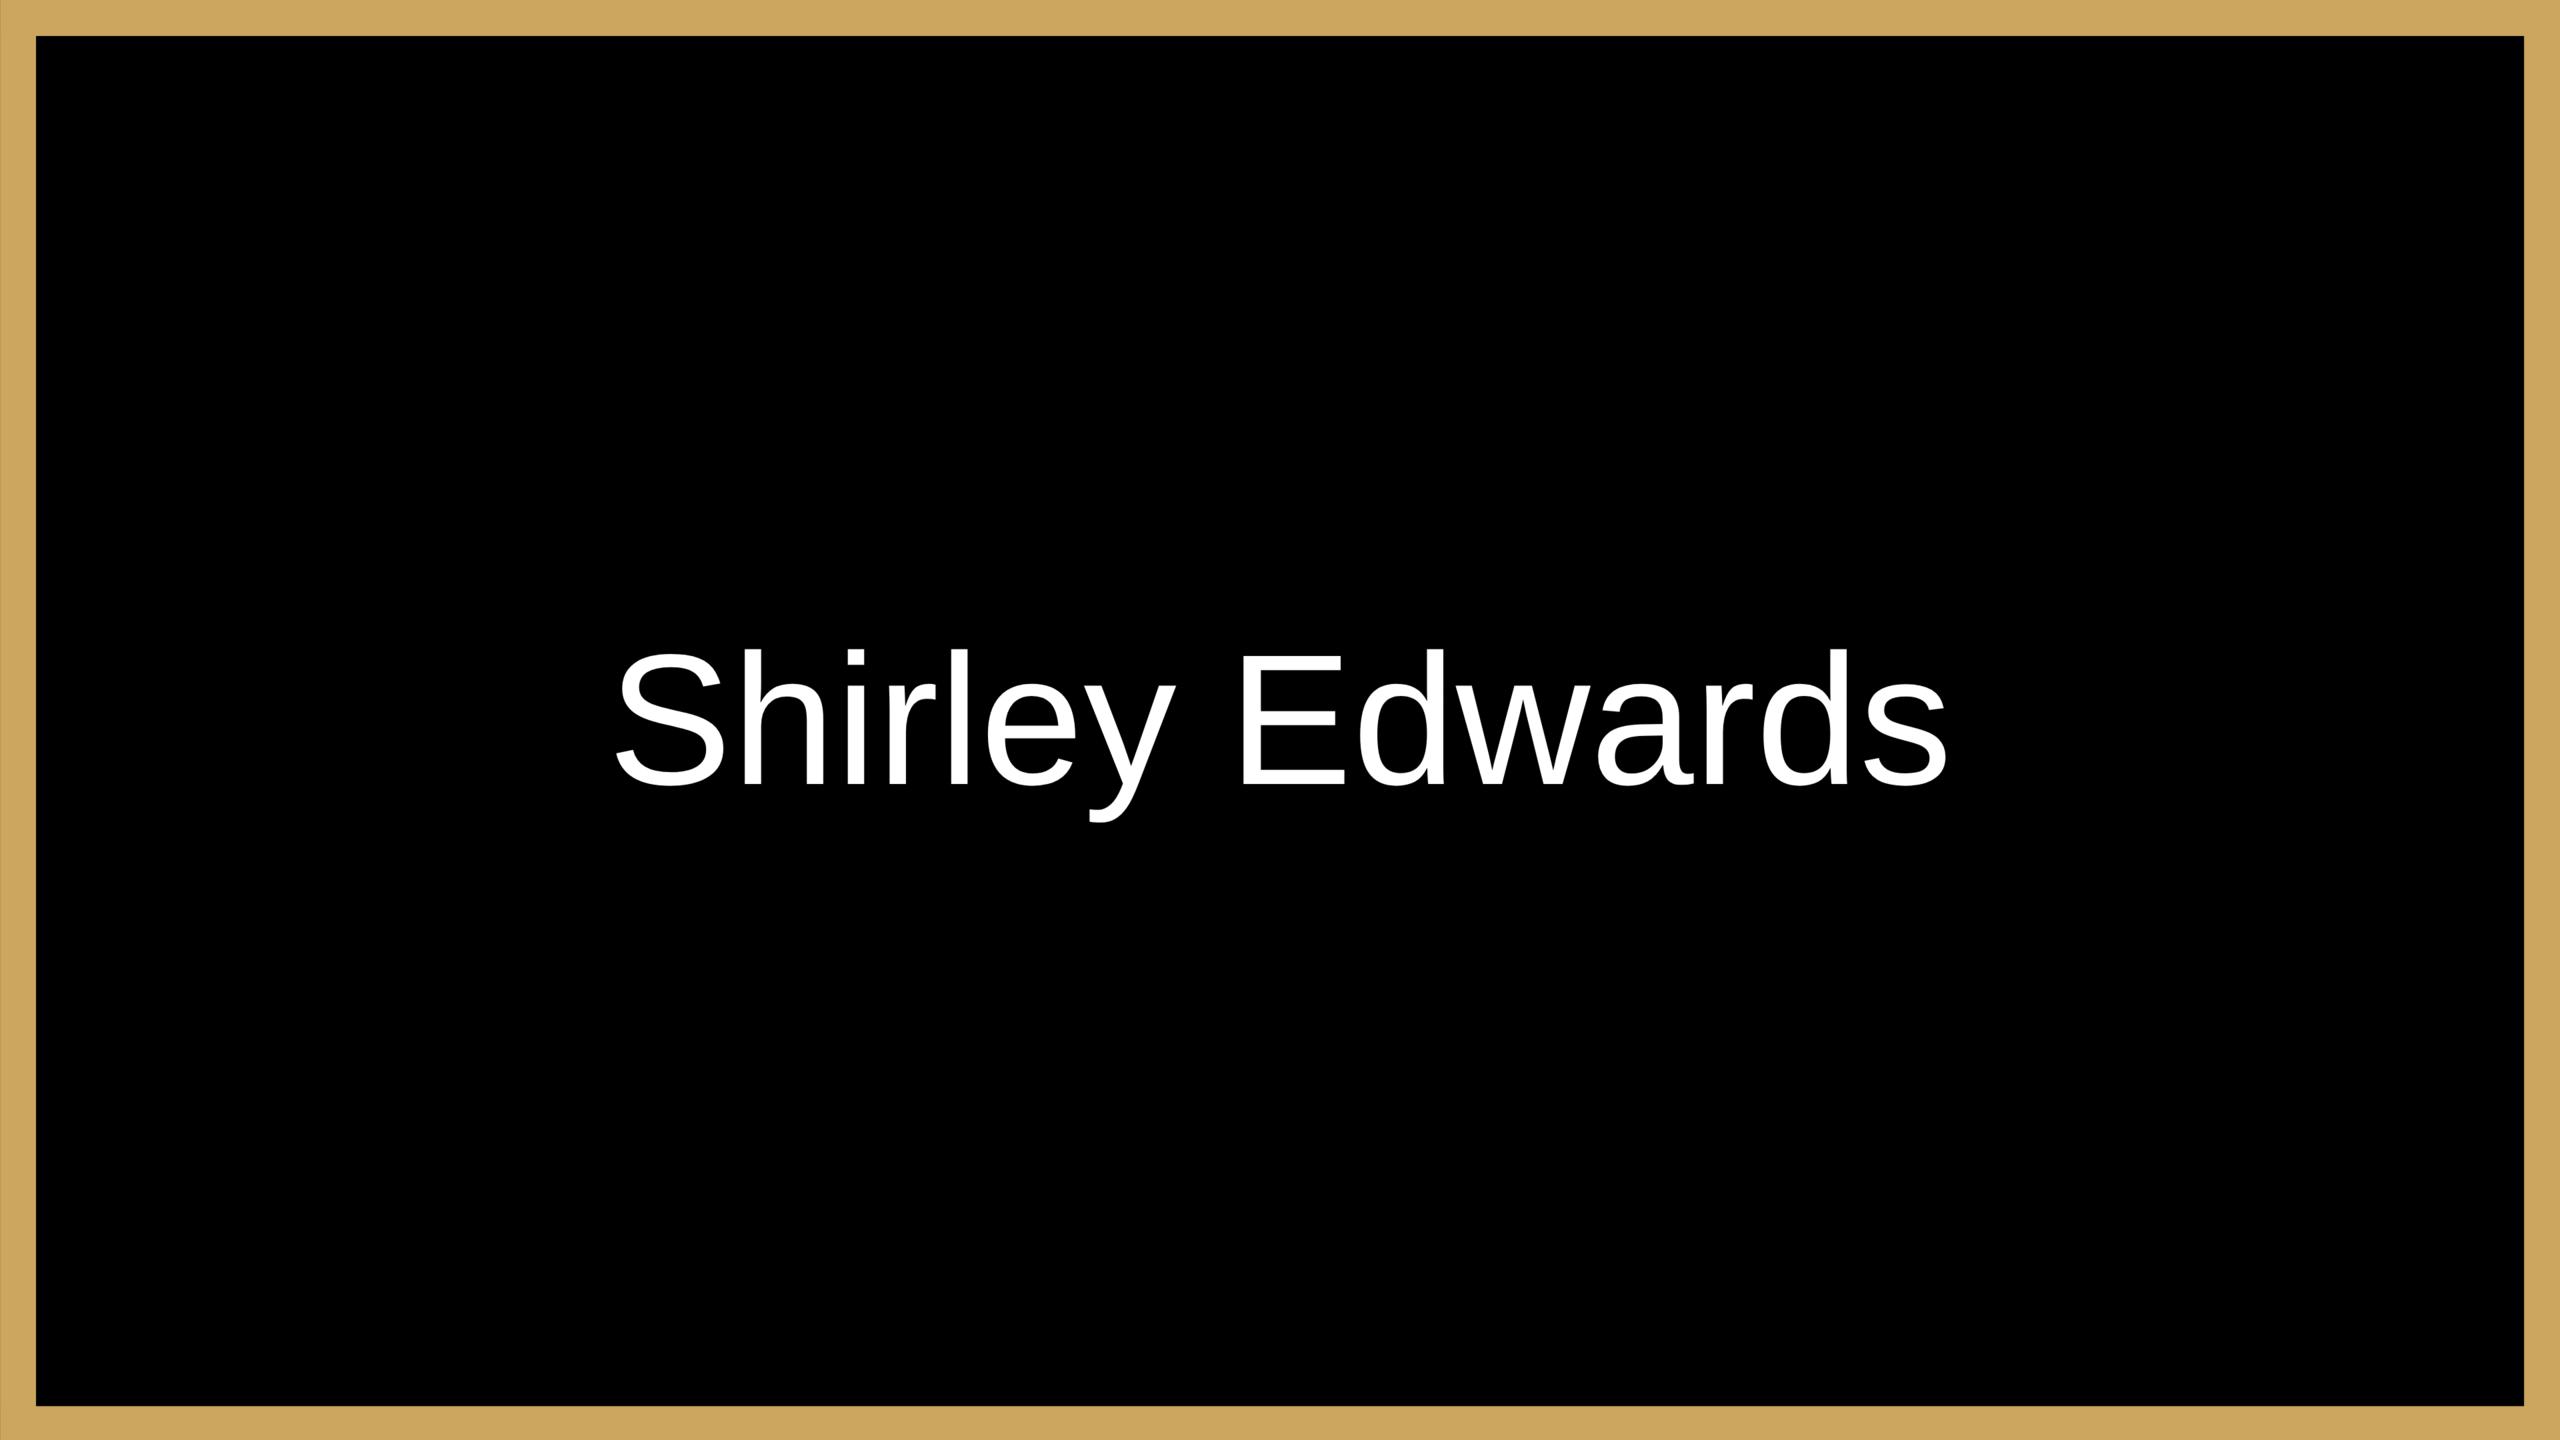 Shirley Edwards Testimonial